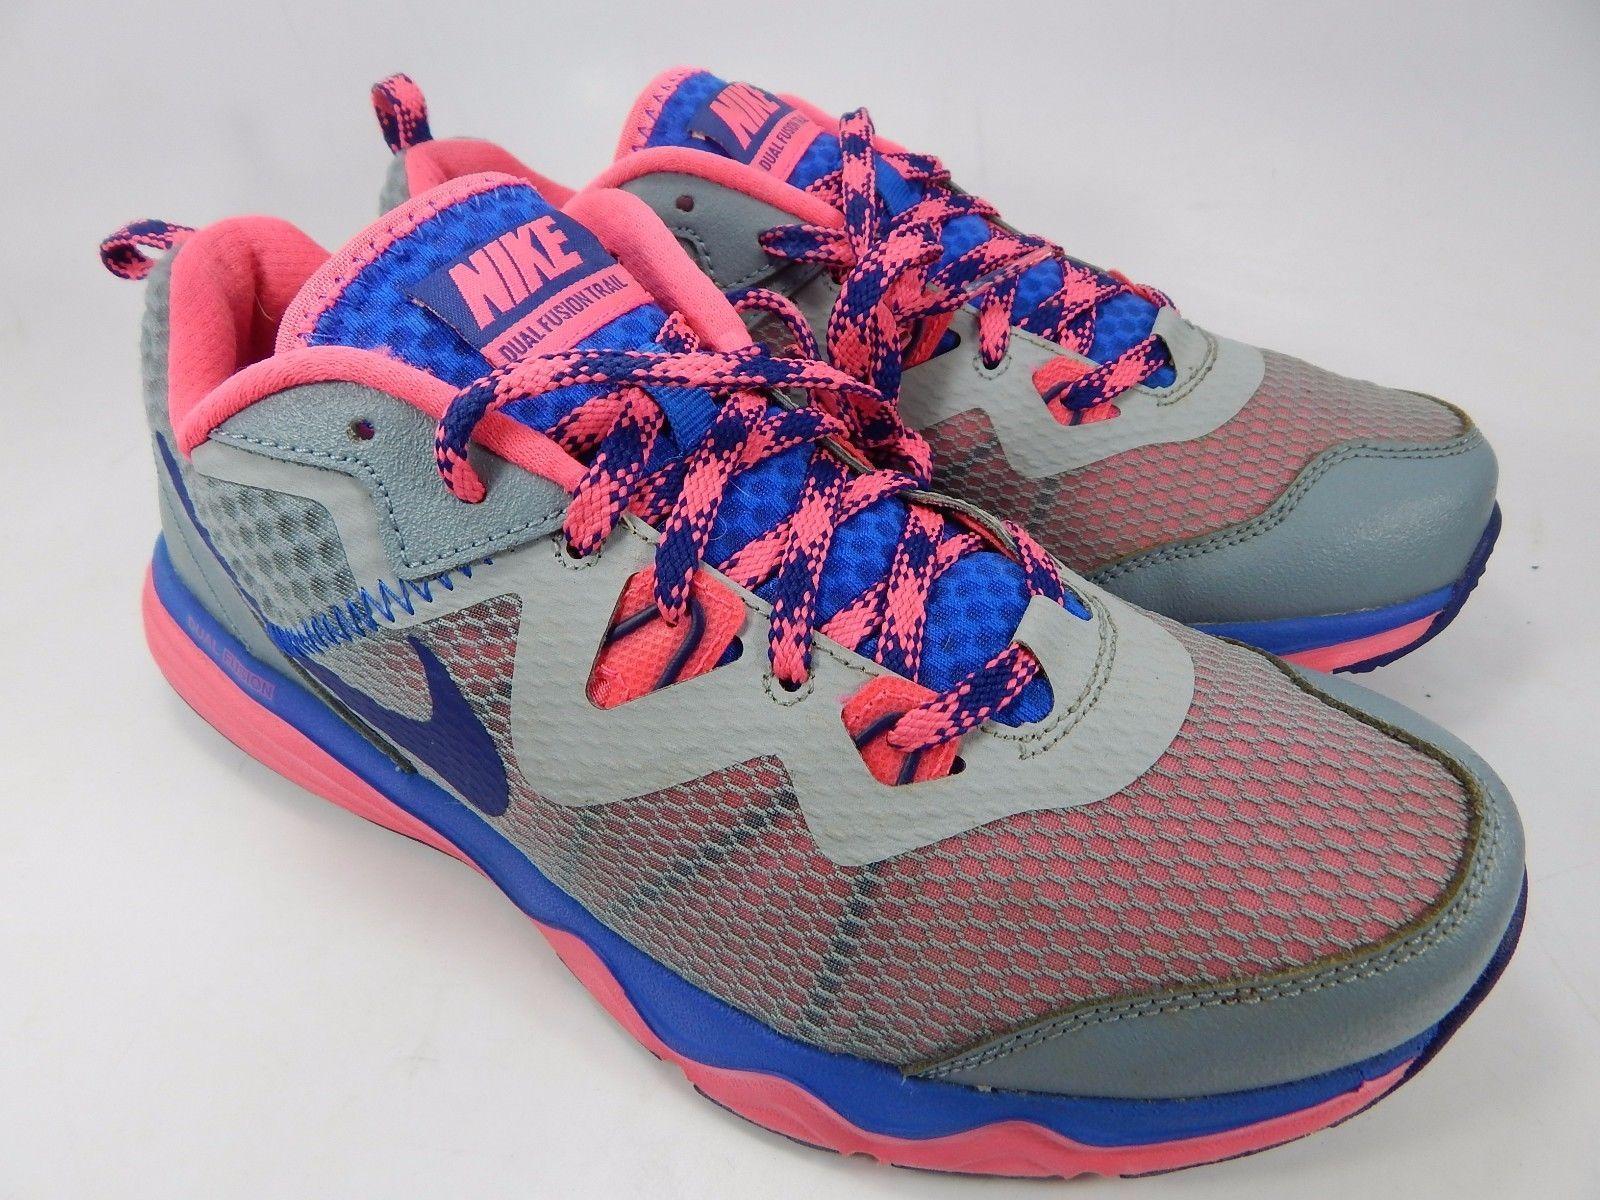 Nike Dual Fusion Trail Women's Running Shoes Size US 9.5 M (B) EU 41 652869-004